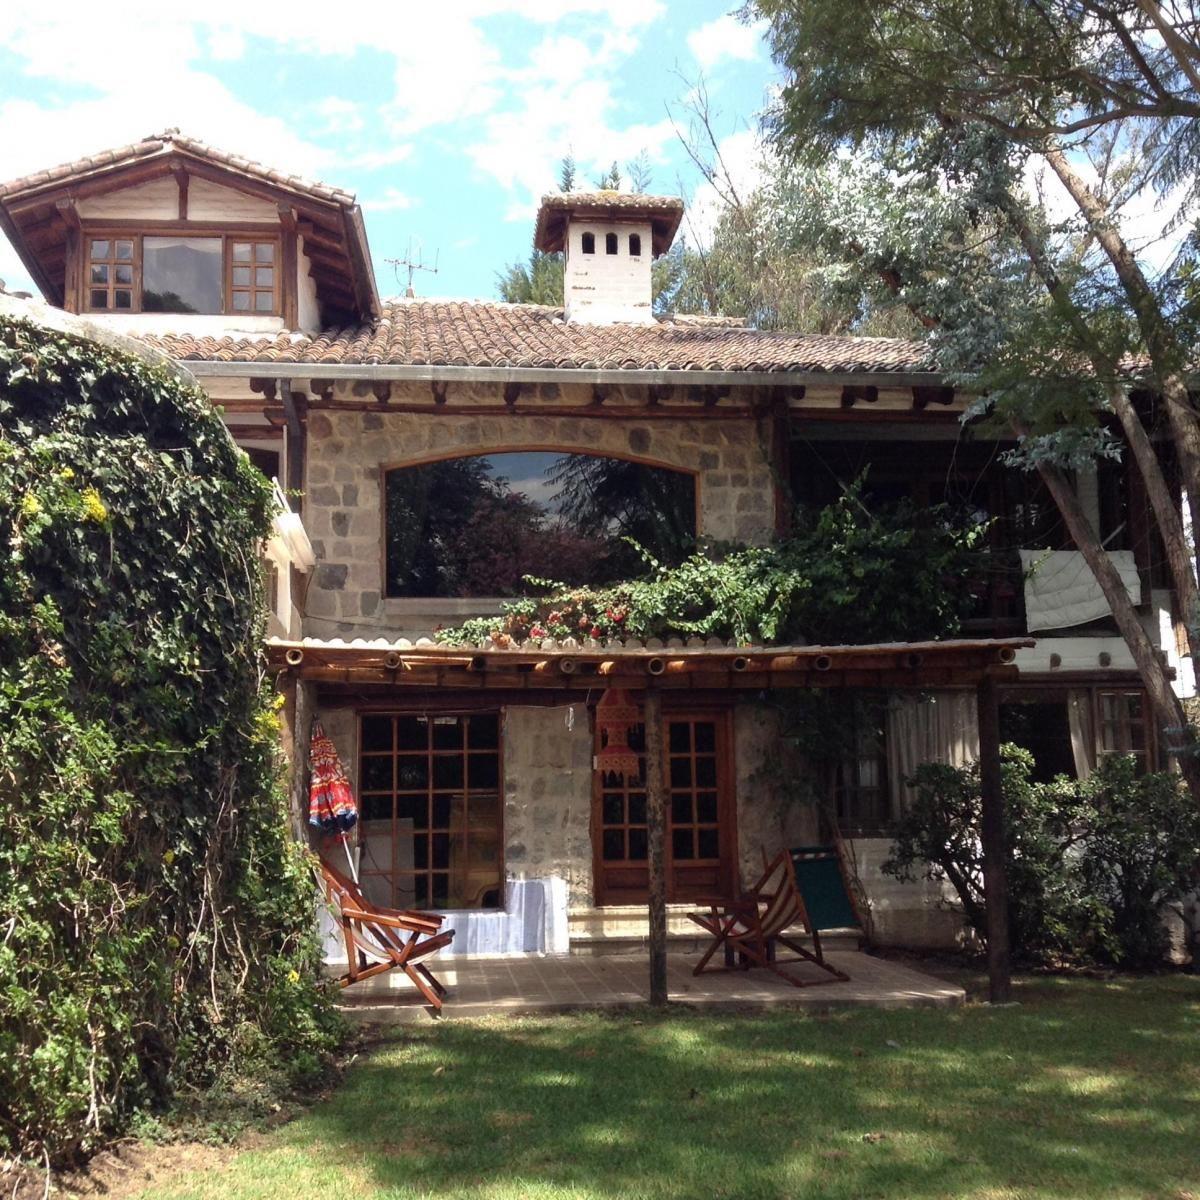 Casa grande y c moda con jardines rboles frutales 4 for Arboles frutales para jardin